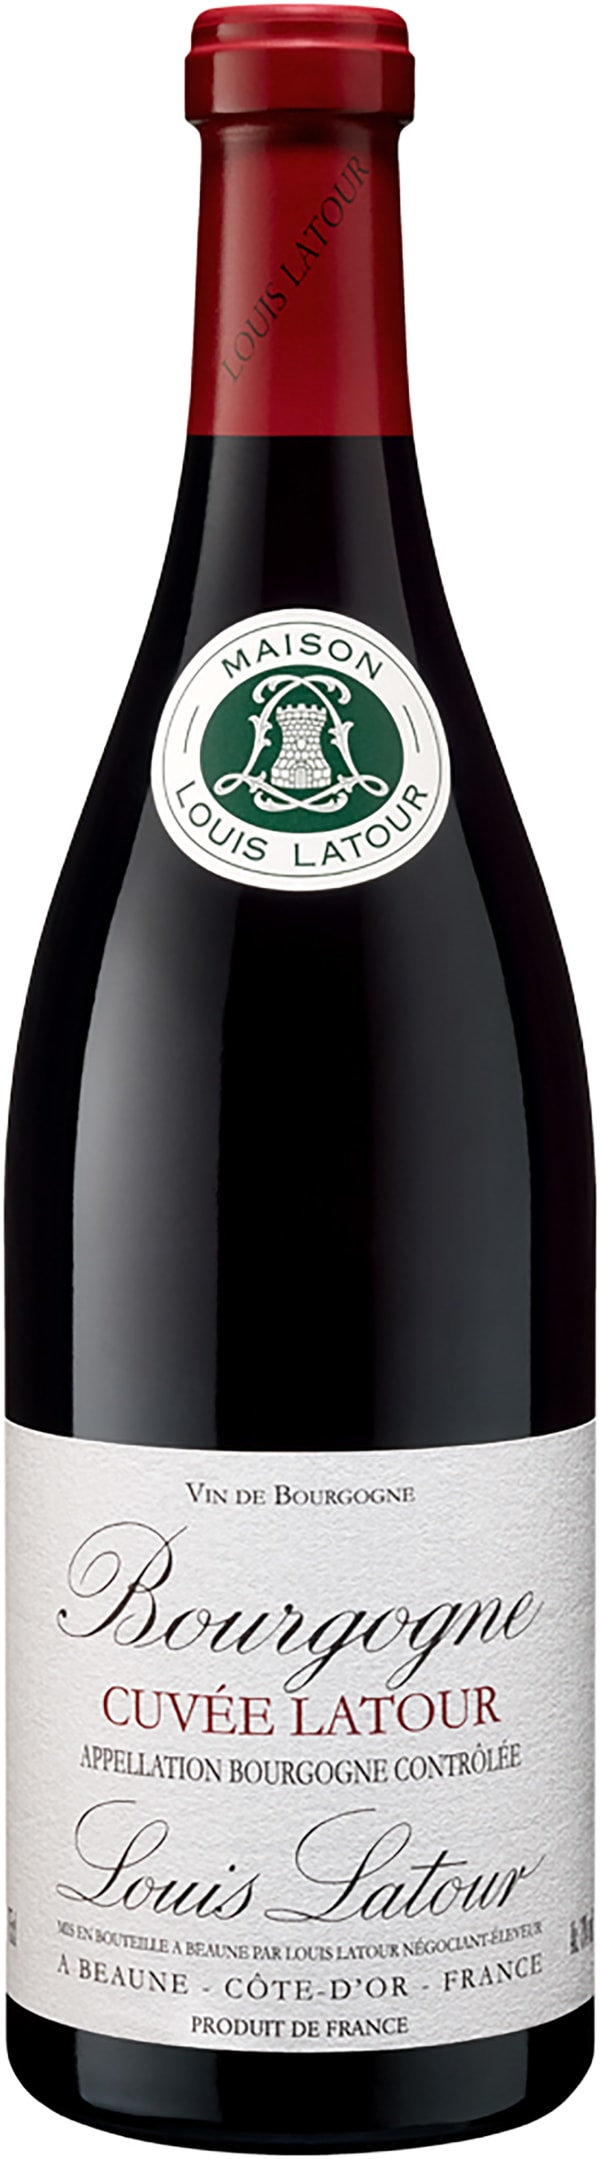 Louis Latour Cuvée Latour 2019